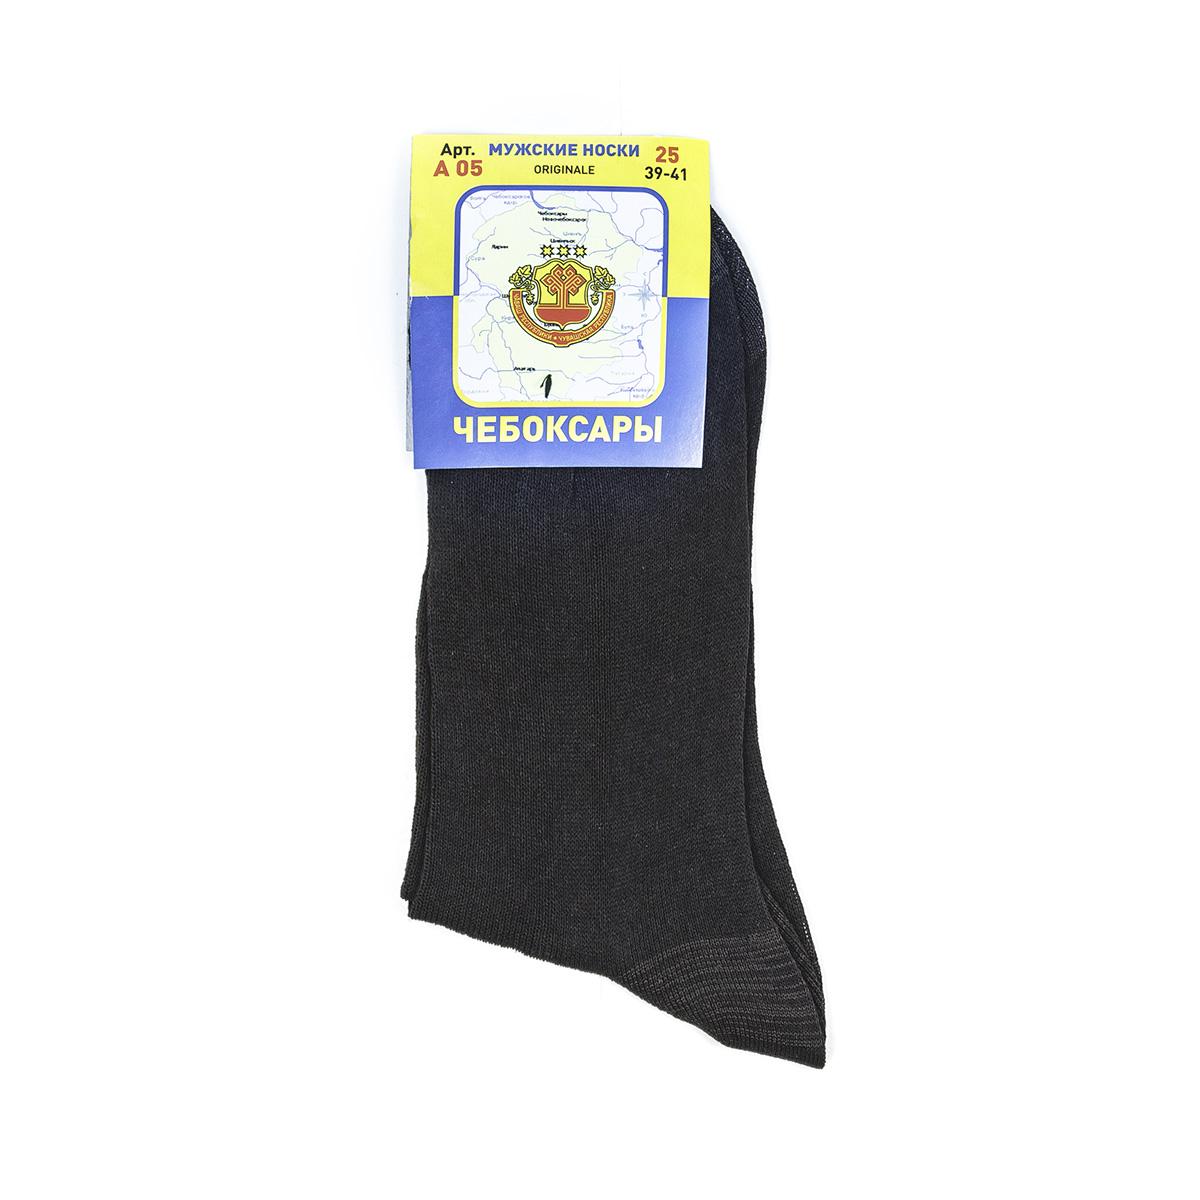 Носки мужские Чебоксары, размер 45-46Носки<br><br><br>Тип: Муж. носки<br>Размер: 45-46<br>Материал: Хлопок